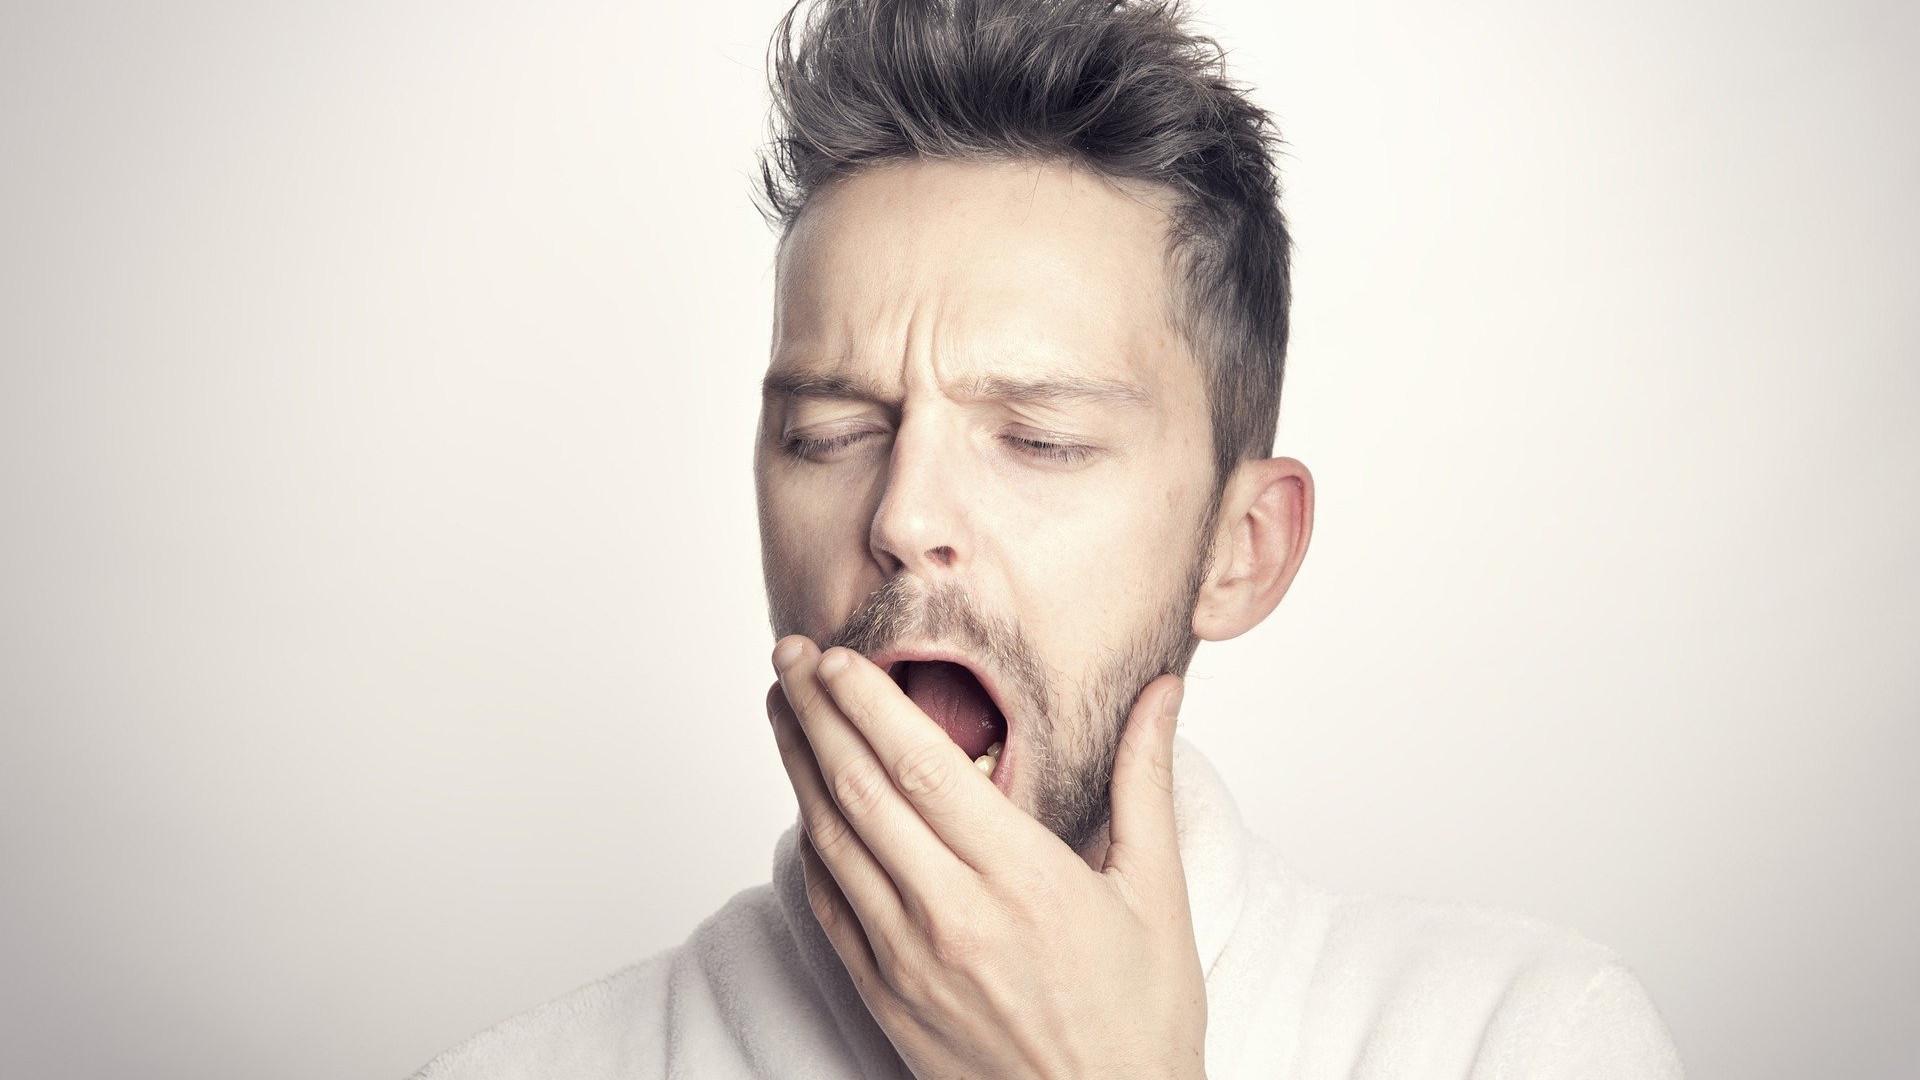 Ilmastoinnista aiheutuva melu makuuhuonessa voi vaikuttaa häiritsevästi unen laatuun